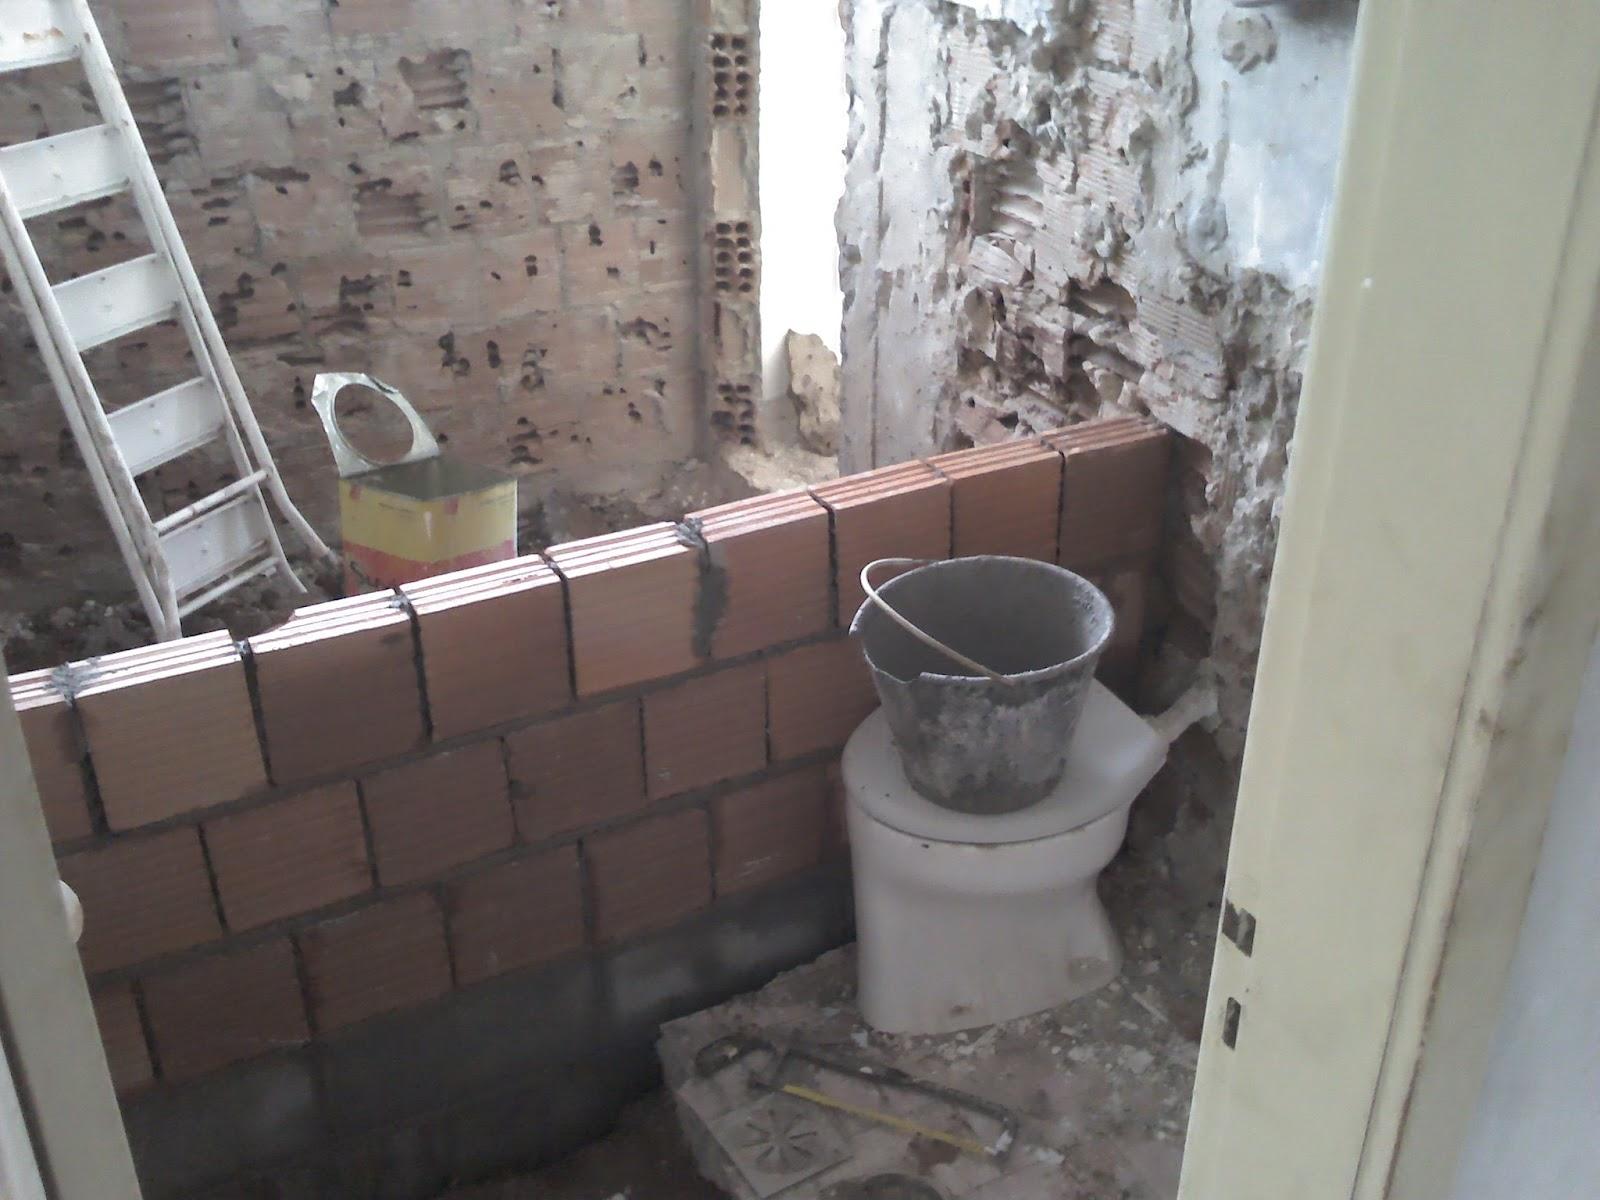 Reforma do Banheiro de 5m² (o durante) Um dia no Apê (a reforma)! #726259 1600 1200